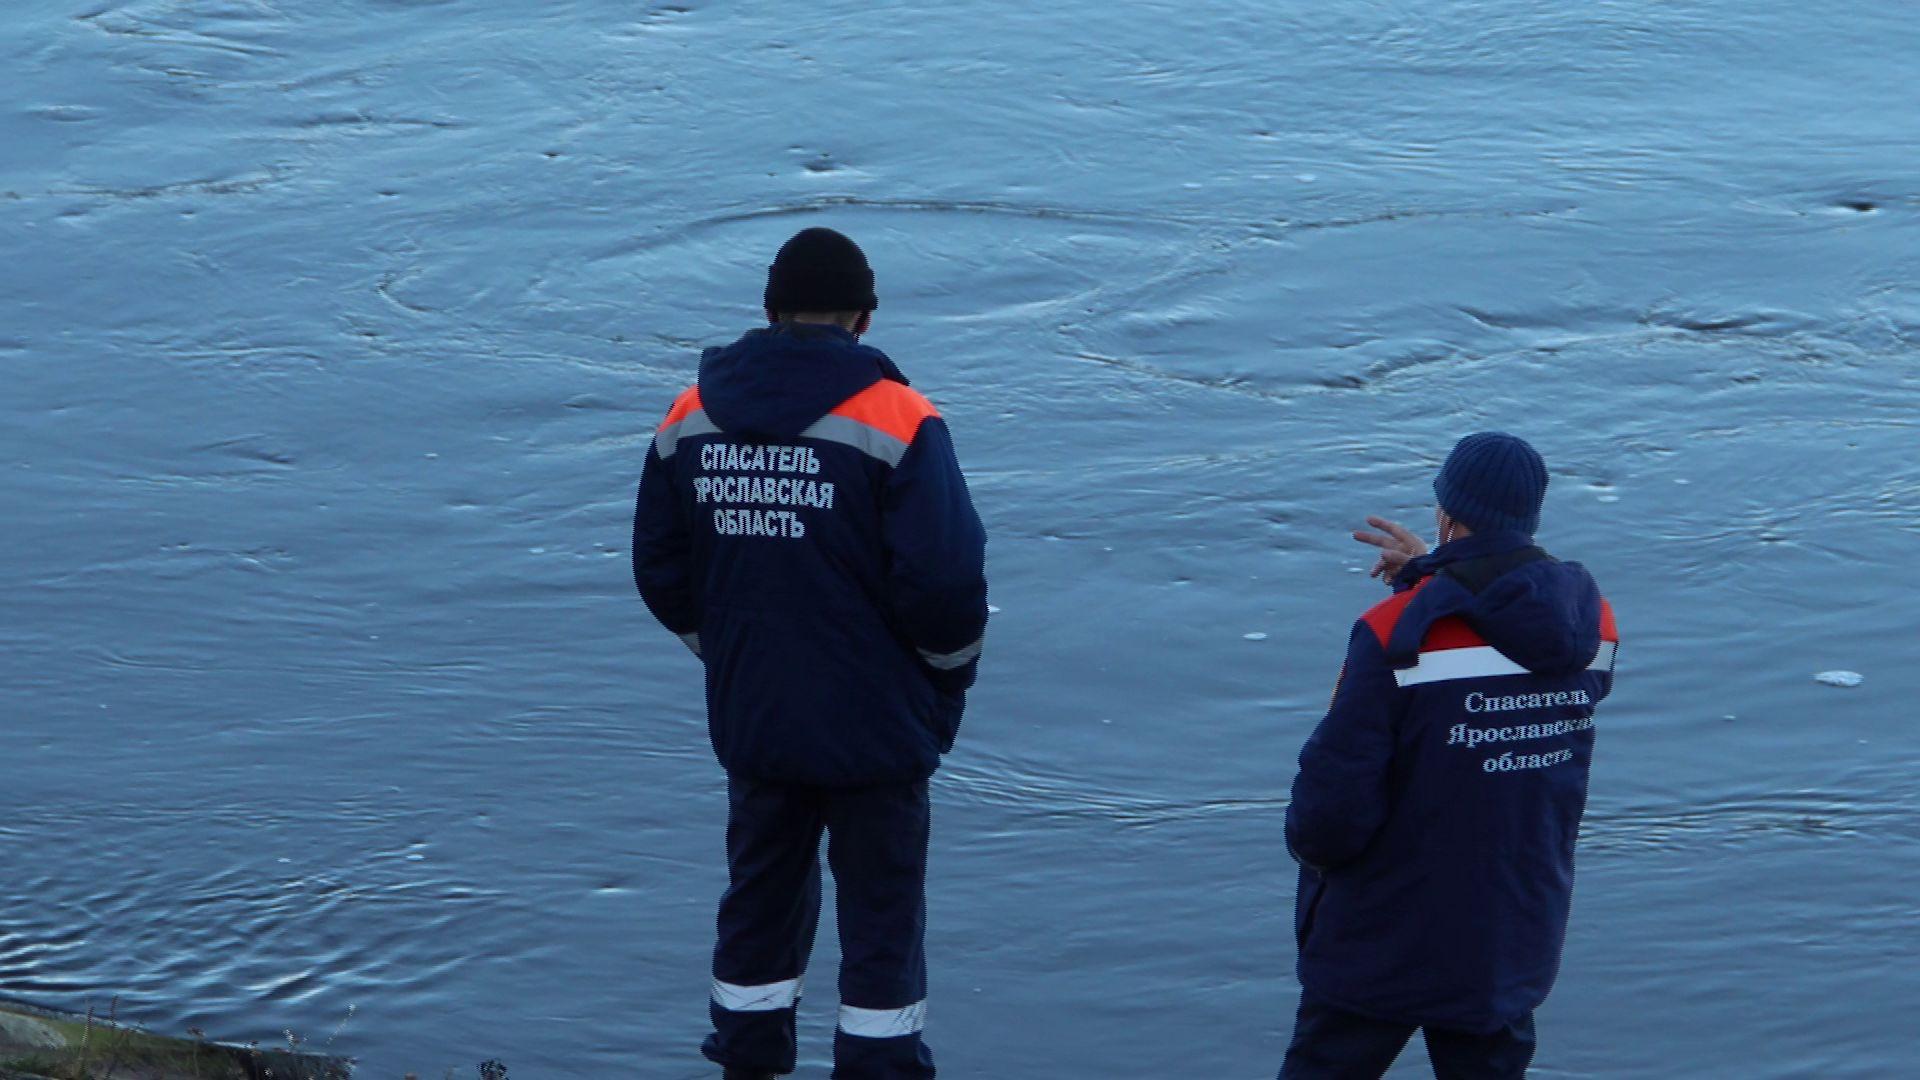 В Угличе наградили матроса, спасшего двух детей